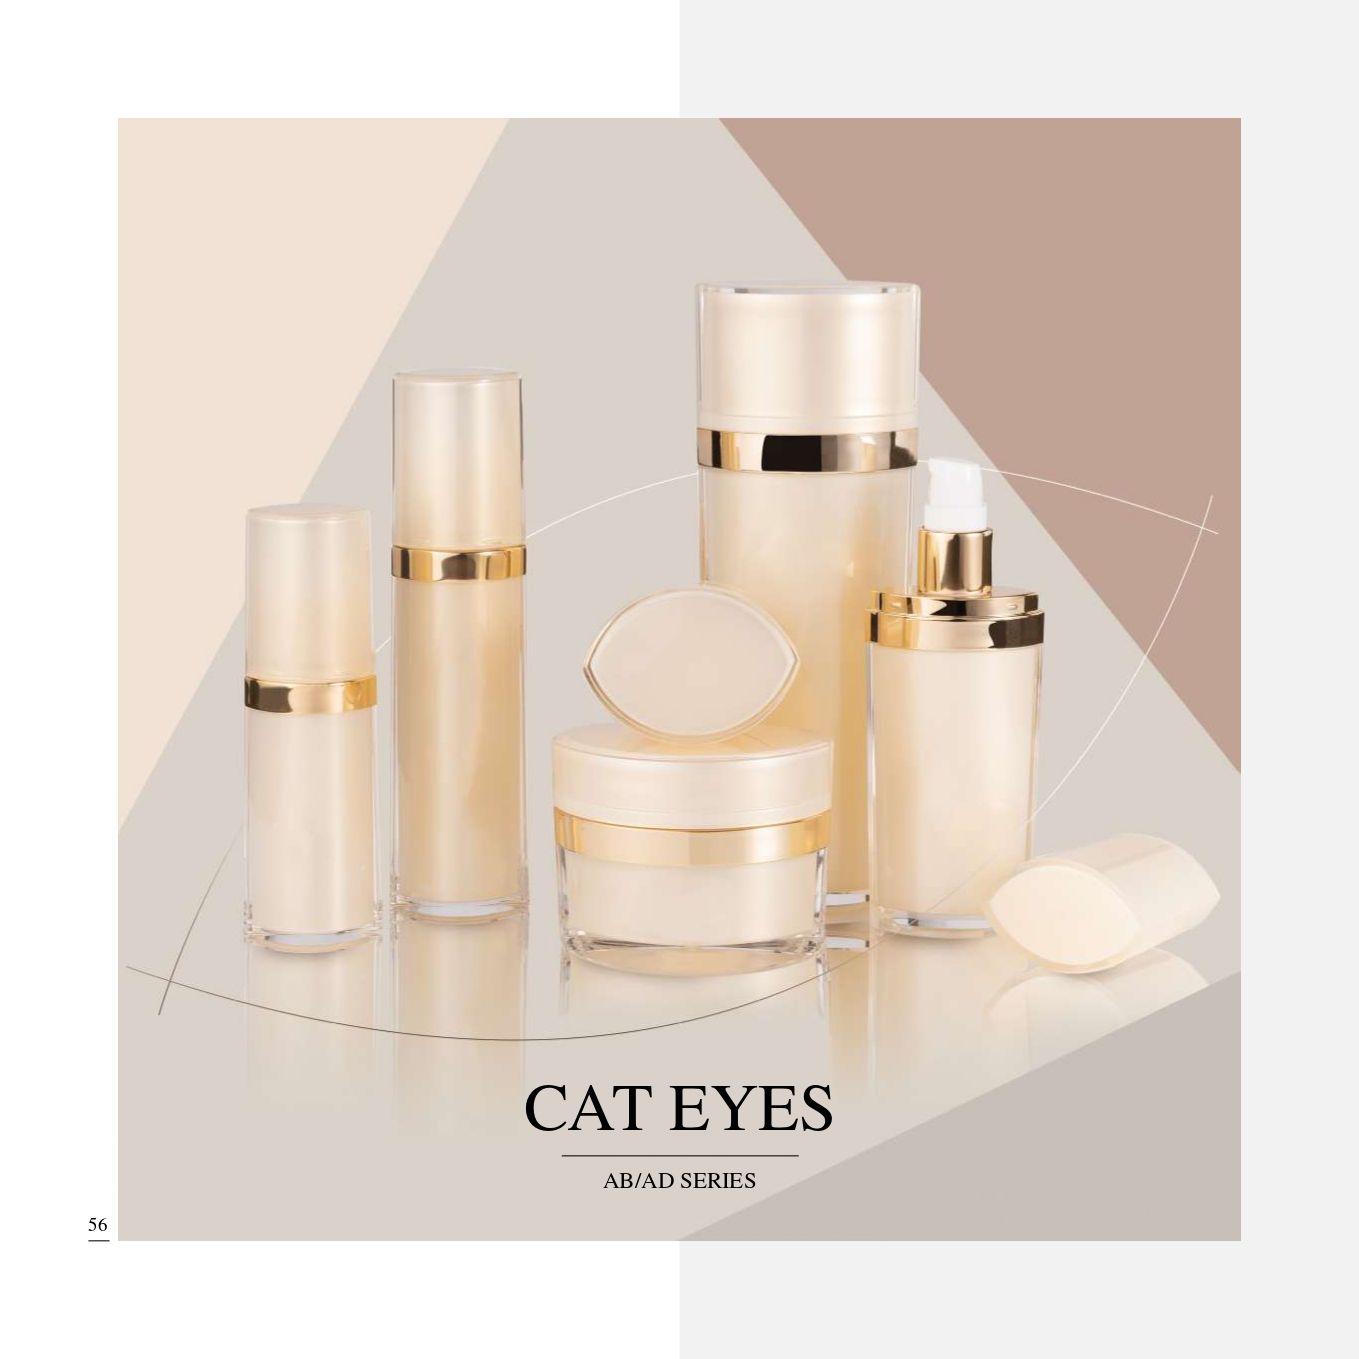 عبوات مستحضرات التجميل والعناية بالبشرة الفاخرة بيضاوية الشكل من الأكريليك - سلسلة عيون القطط - مجموعة تغليف مستحضرات التجميل - عيون القطط